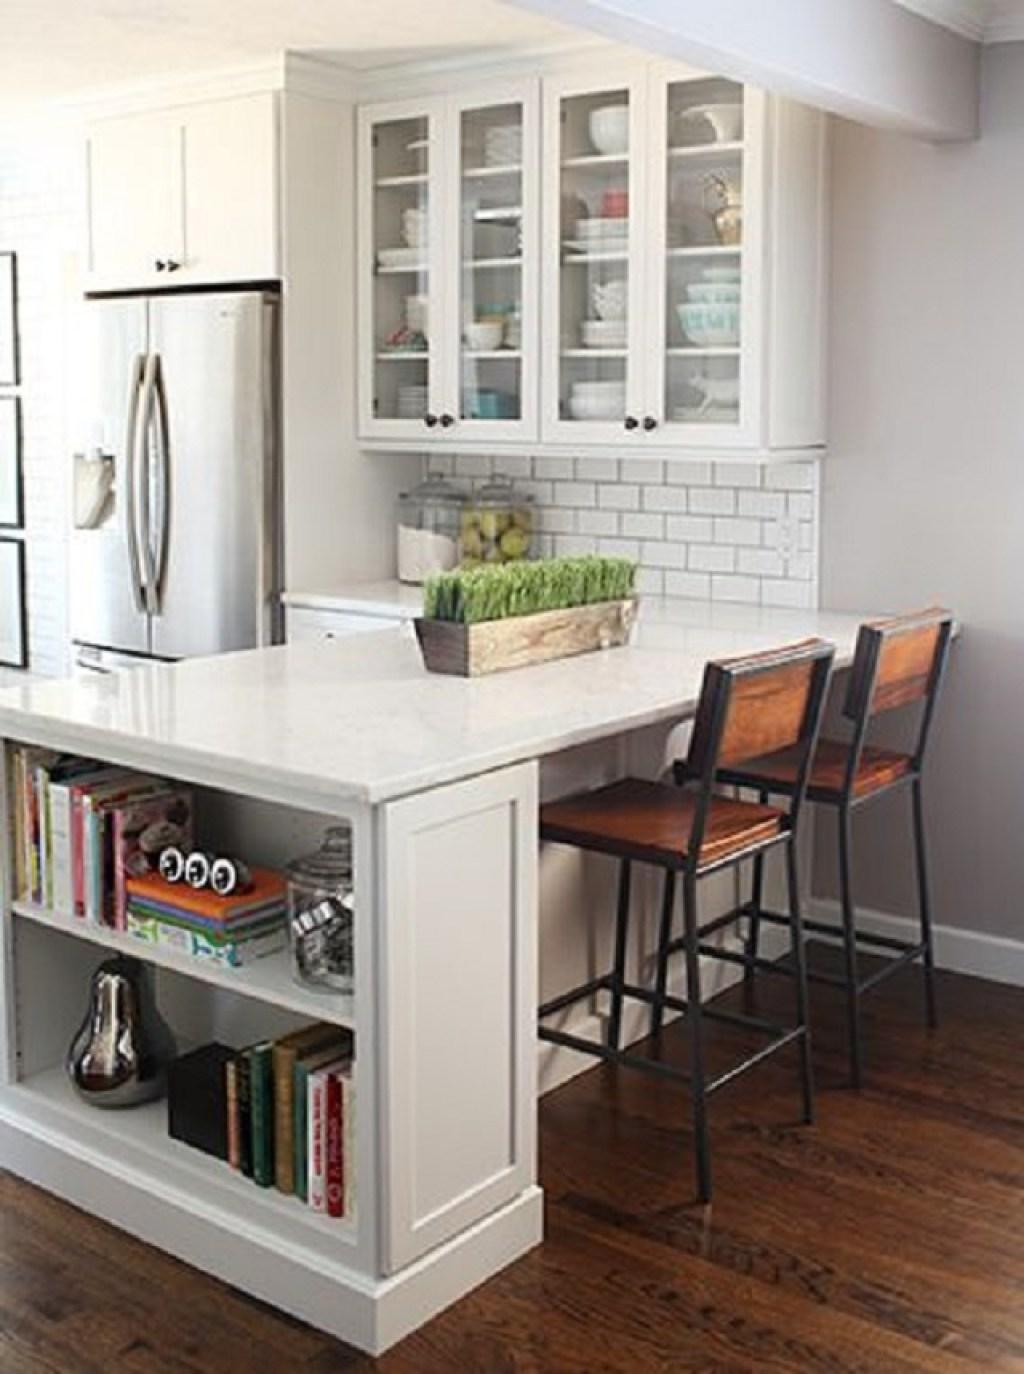 Manfaat Desain Dapur Ala Mini Bar Area Komunal Yang Fungsional Dan